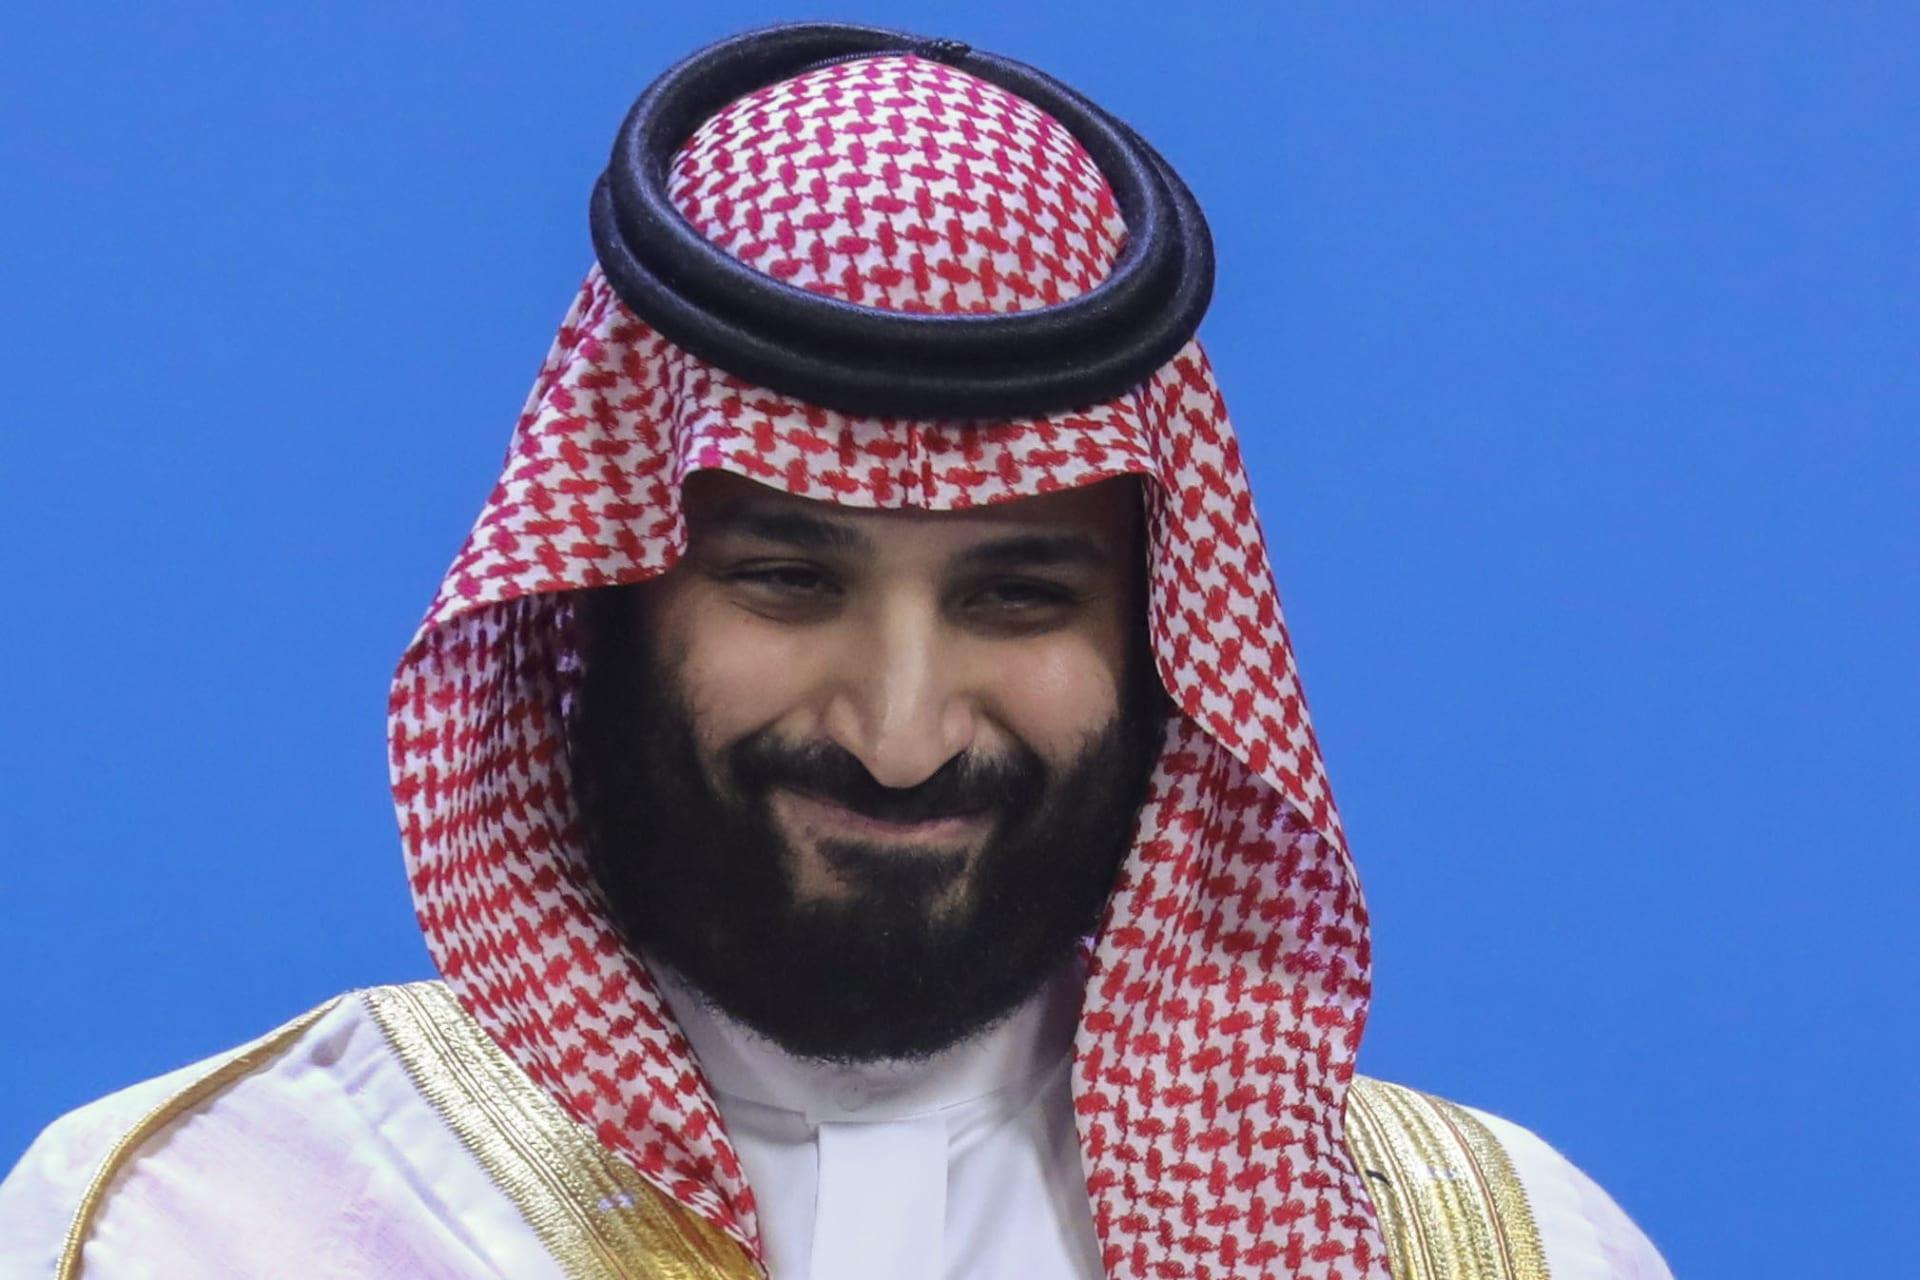 بعد أنباء عن نيته شراء مانشستر يونايتد.. مغردون يطالبون ولي العهد السعودي بالاستثمار في أرسنال